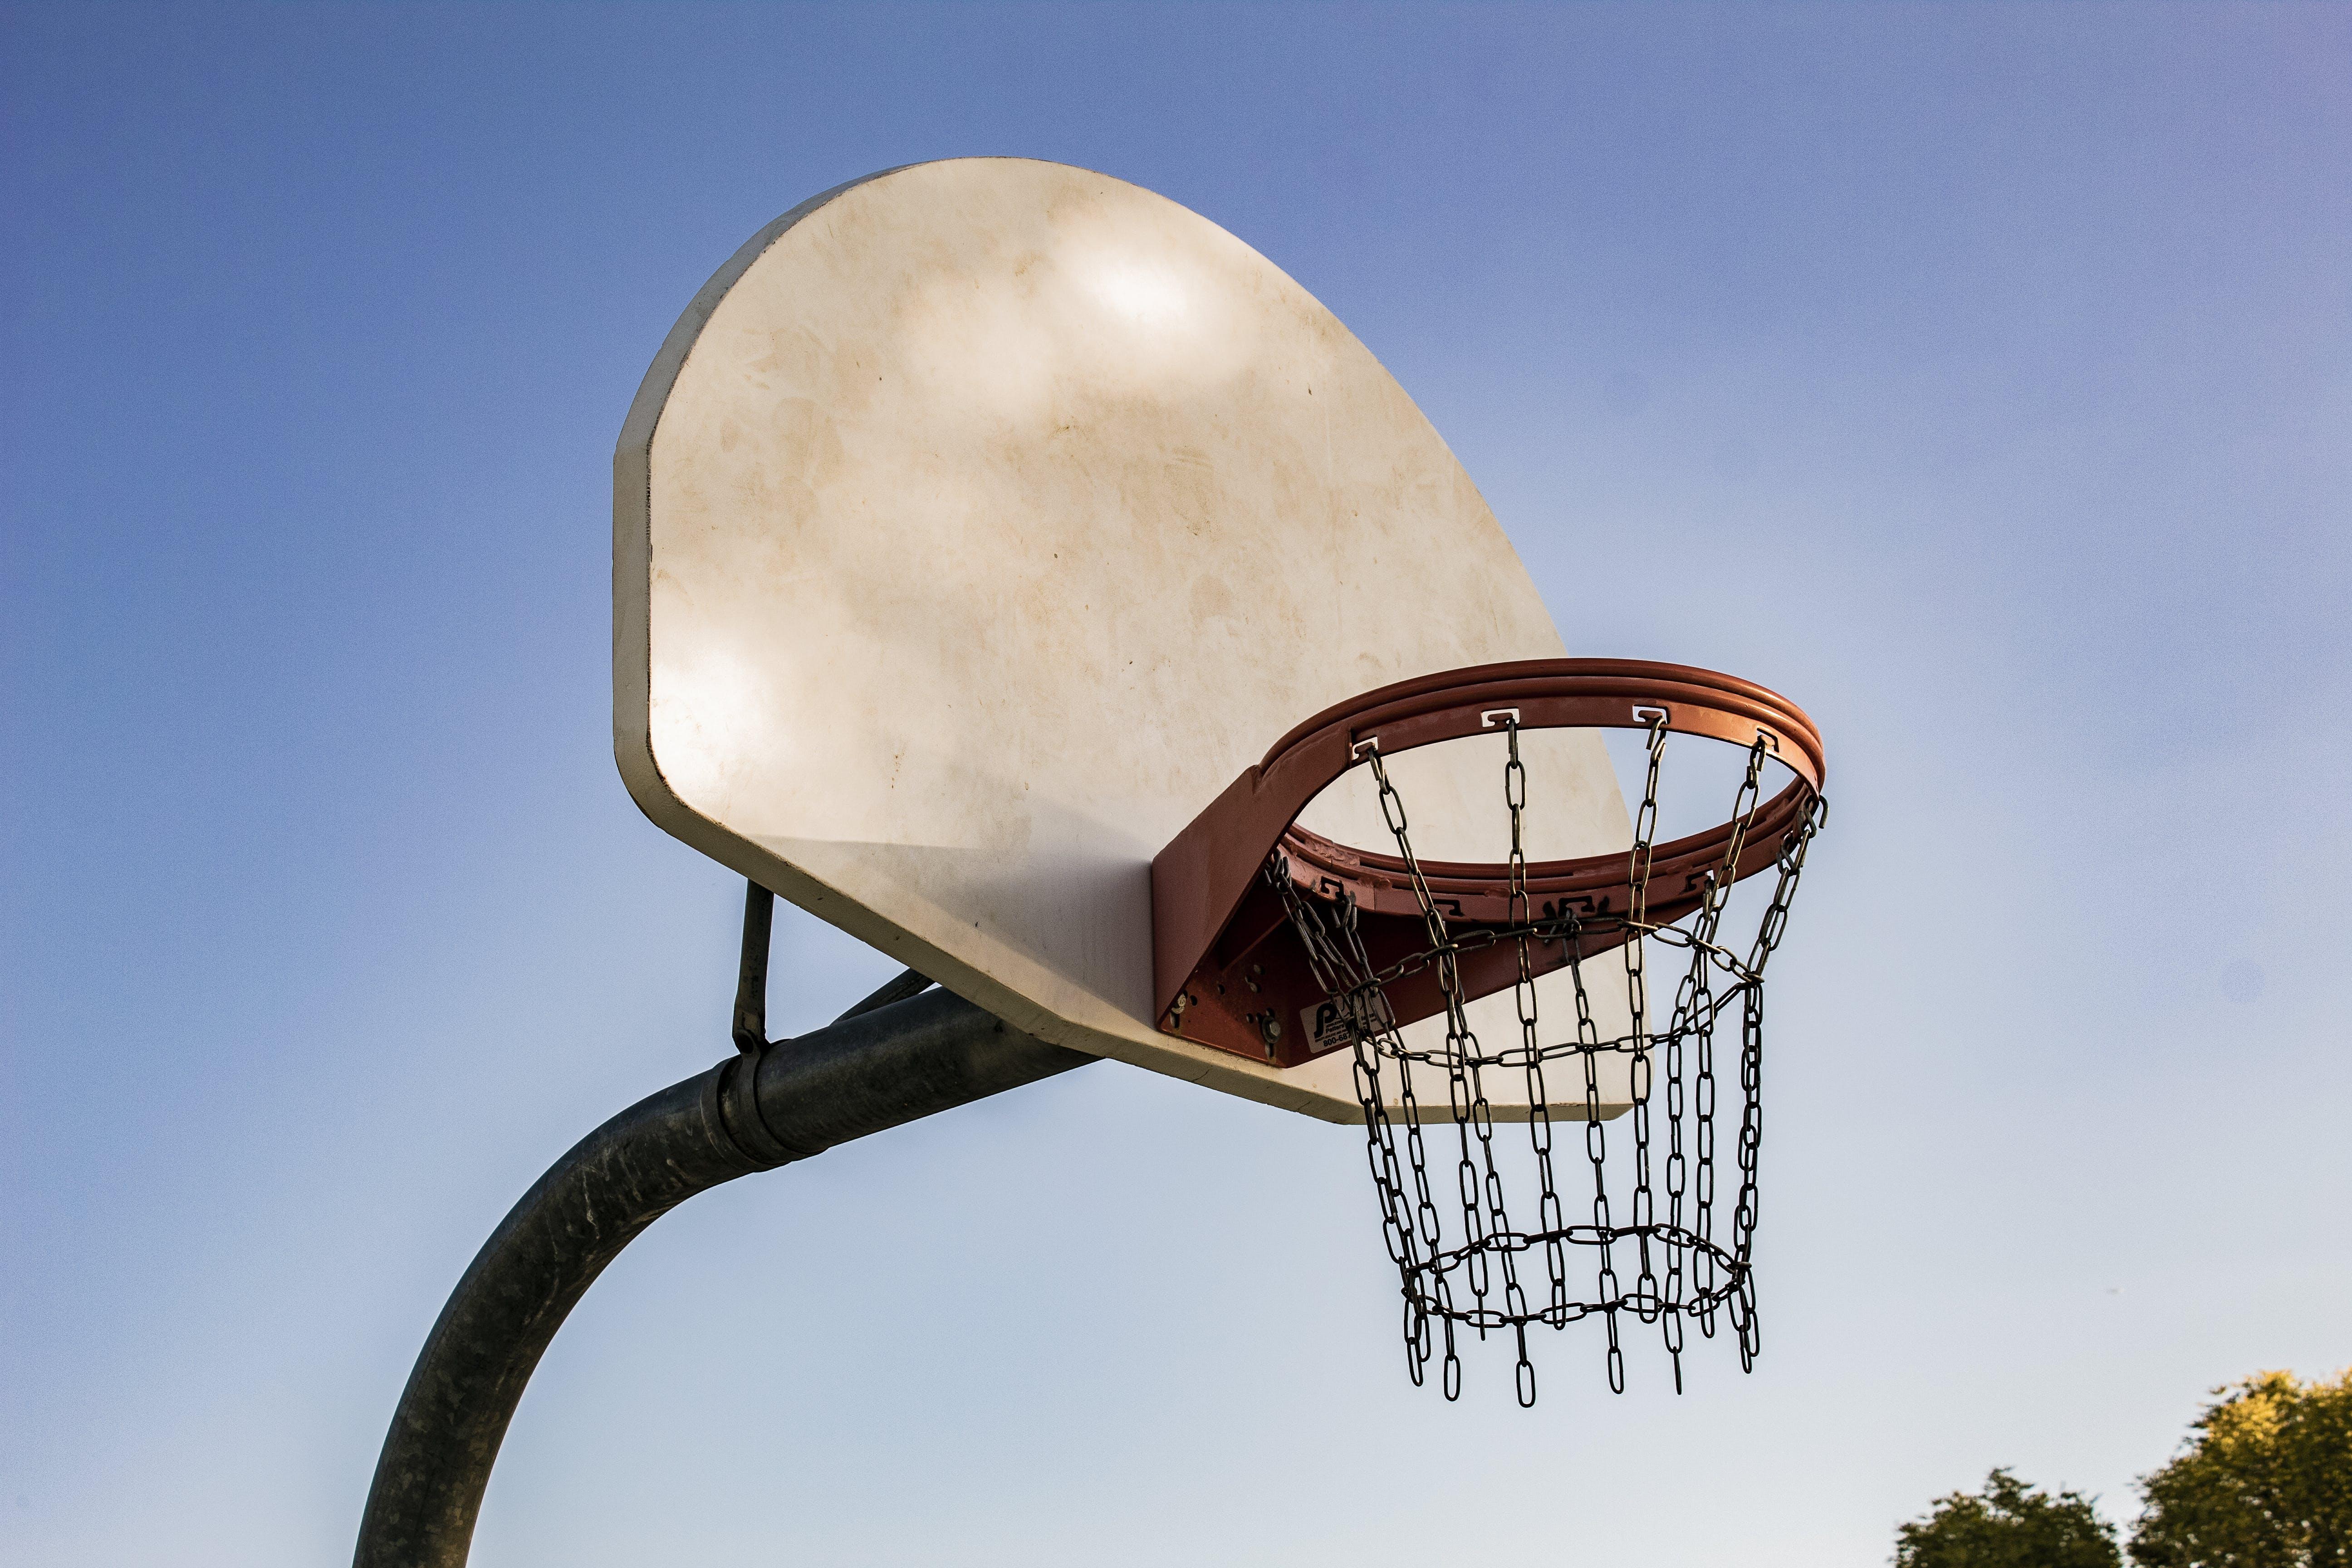 Ảnh lưu trữ miễn phí về giỏ bóng rổ, góc chụp thấp, môn chơi, thể thao